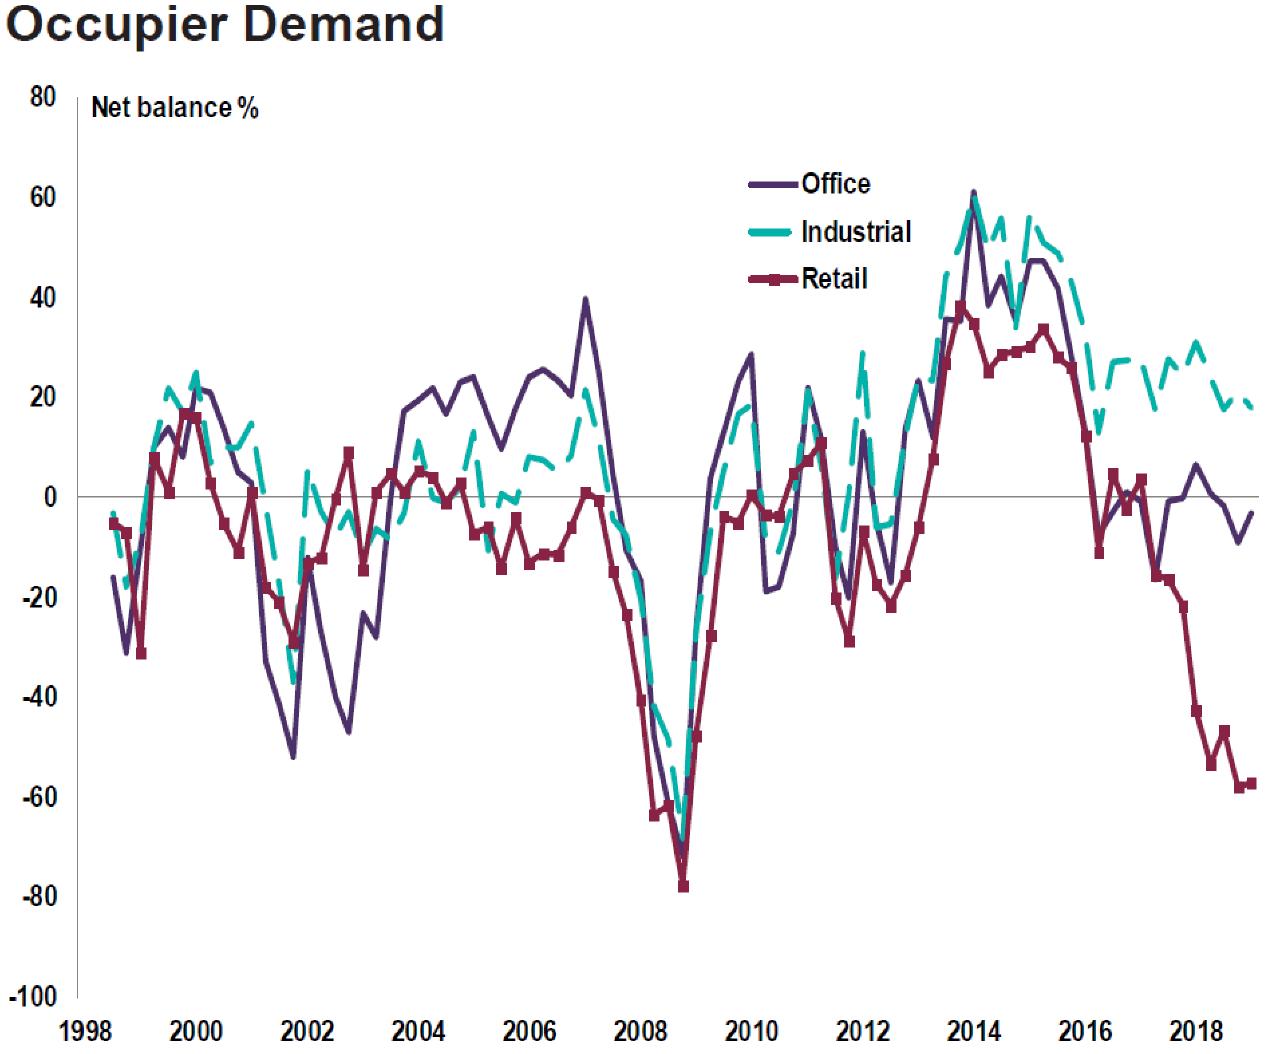 Commercial Market Survey-Occupier Demand